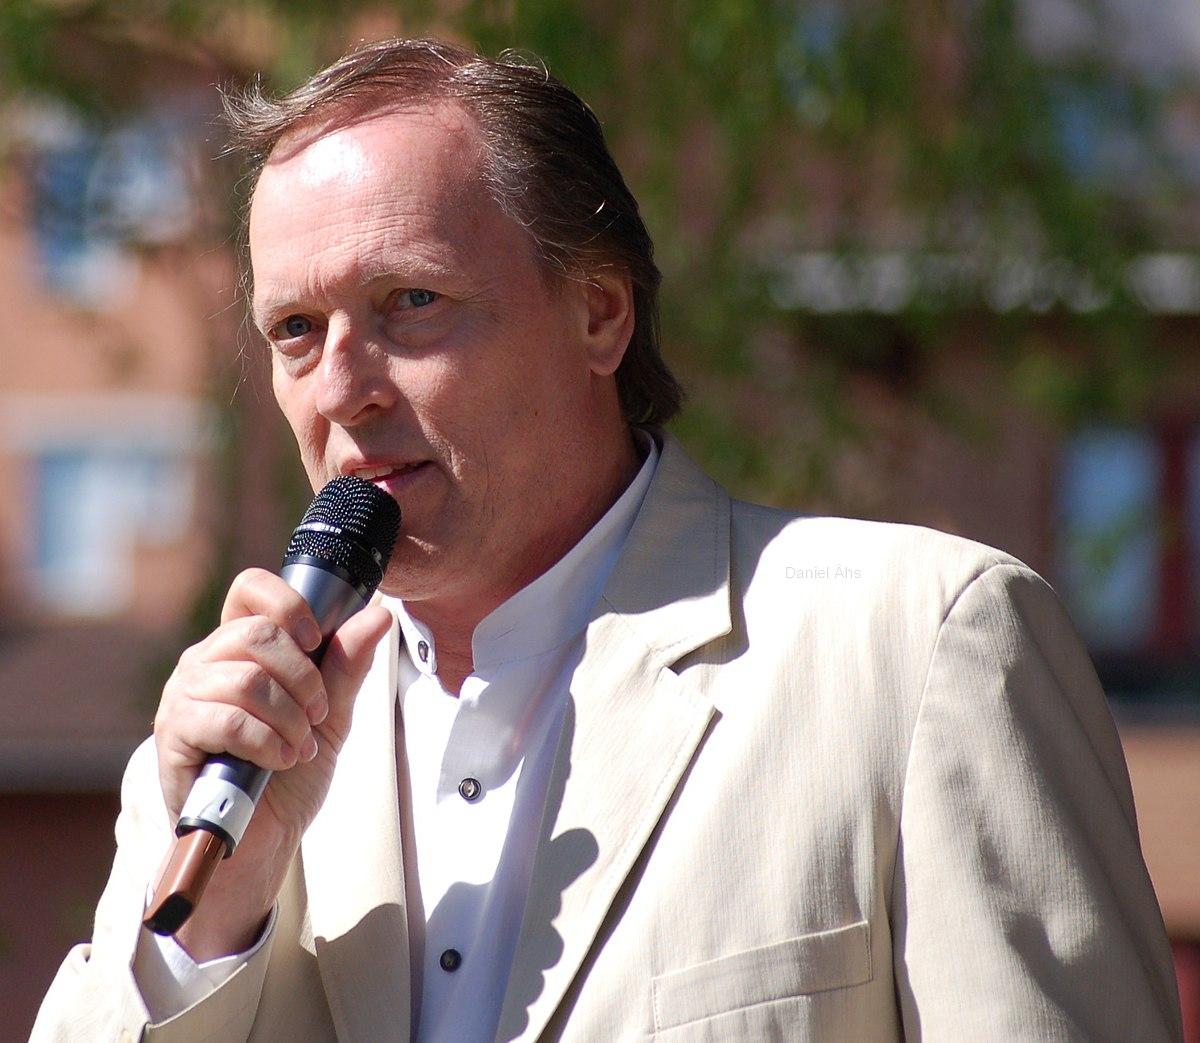 Ragnar Dahlberg - Wikipedia